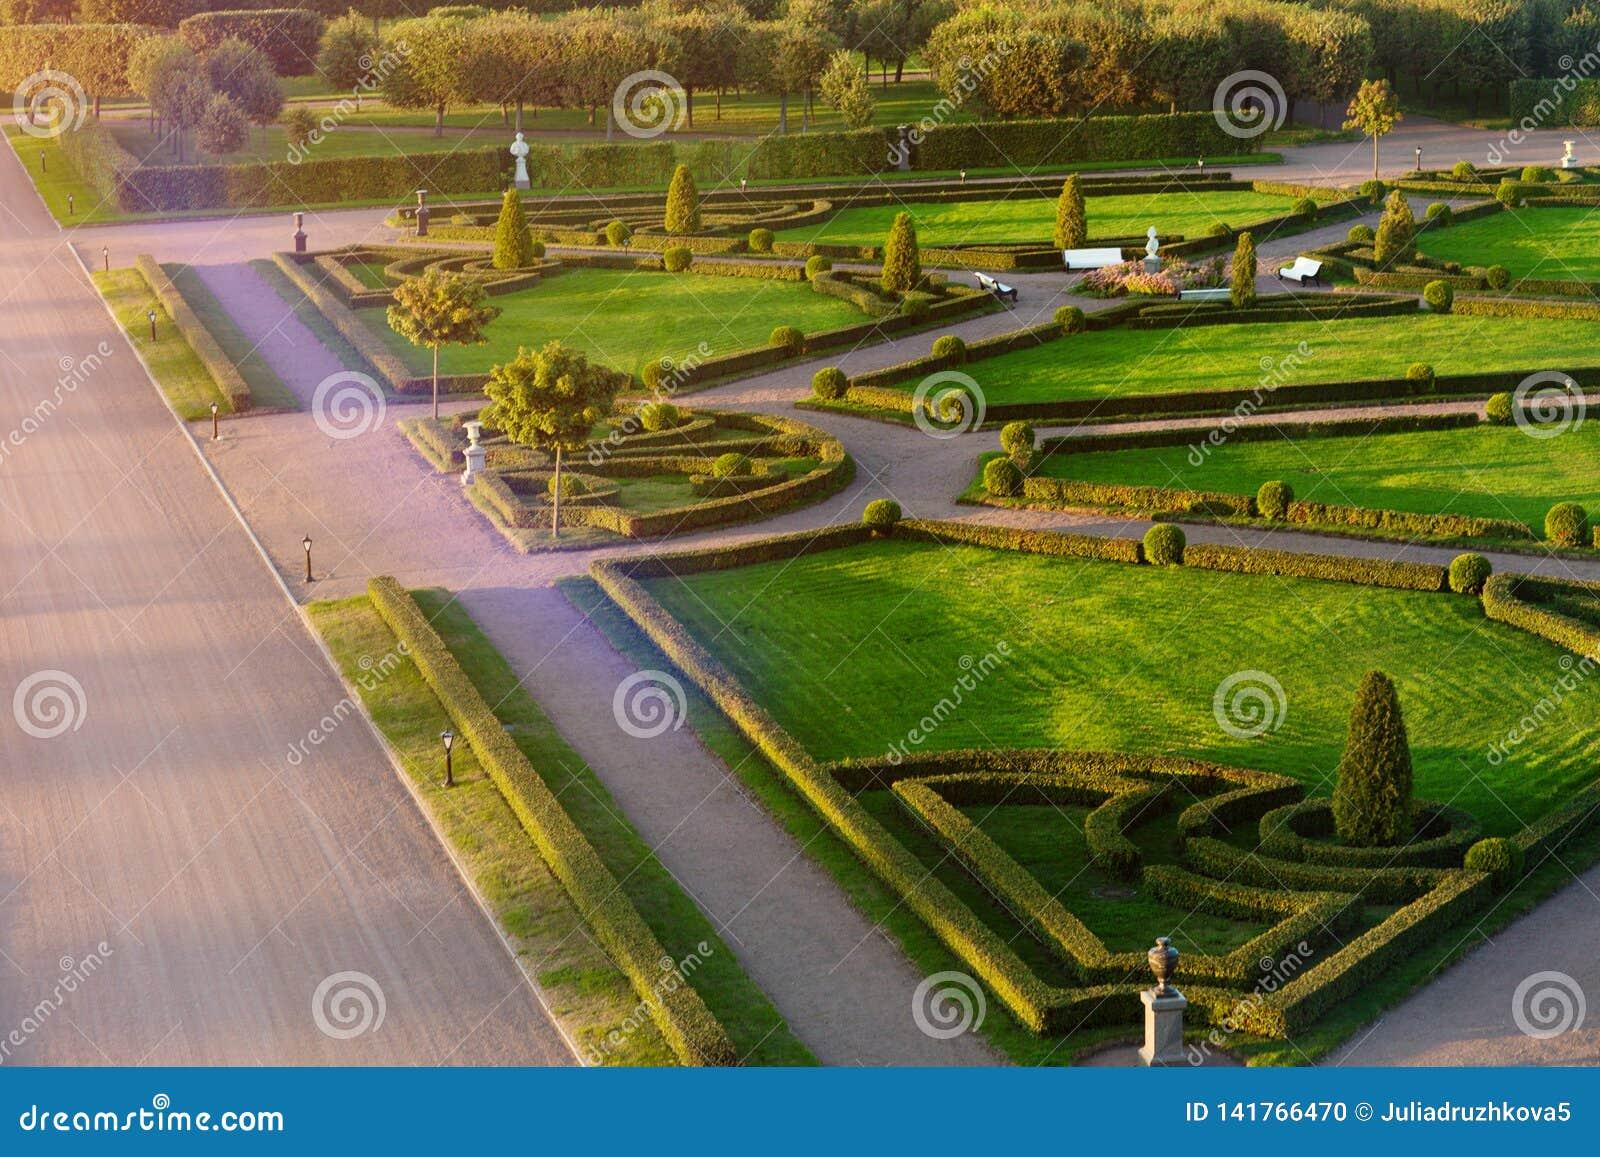 Klasyka park z alejami, rzeźbami i zielonym labiryntem,